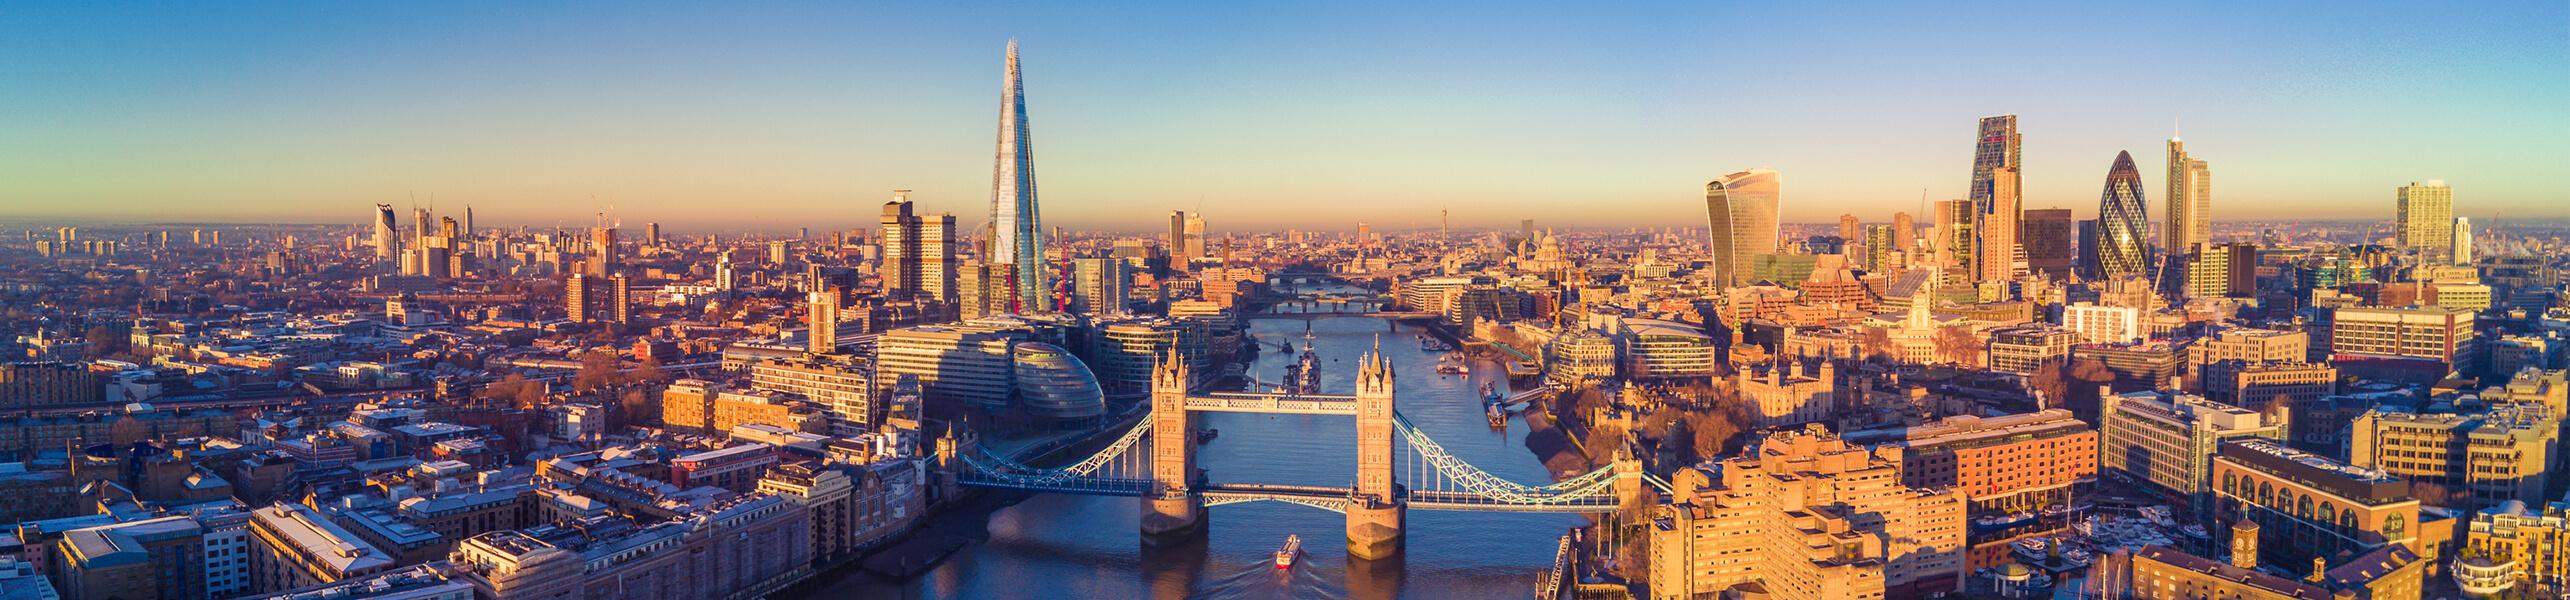 WTW London